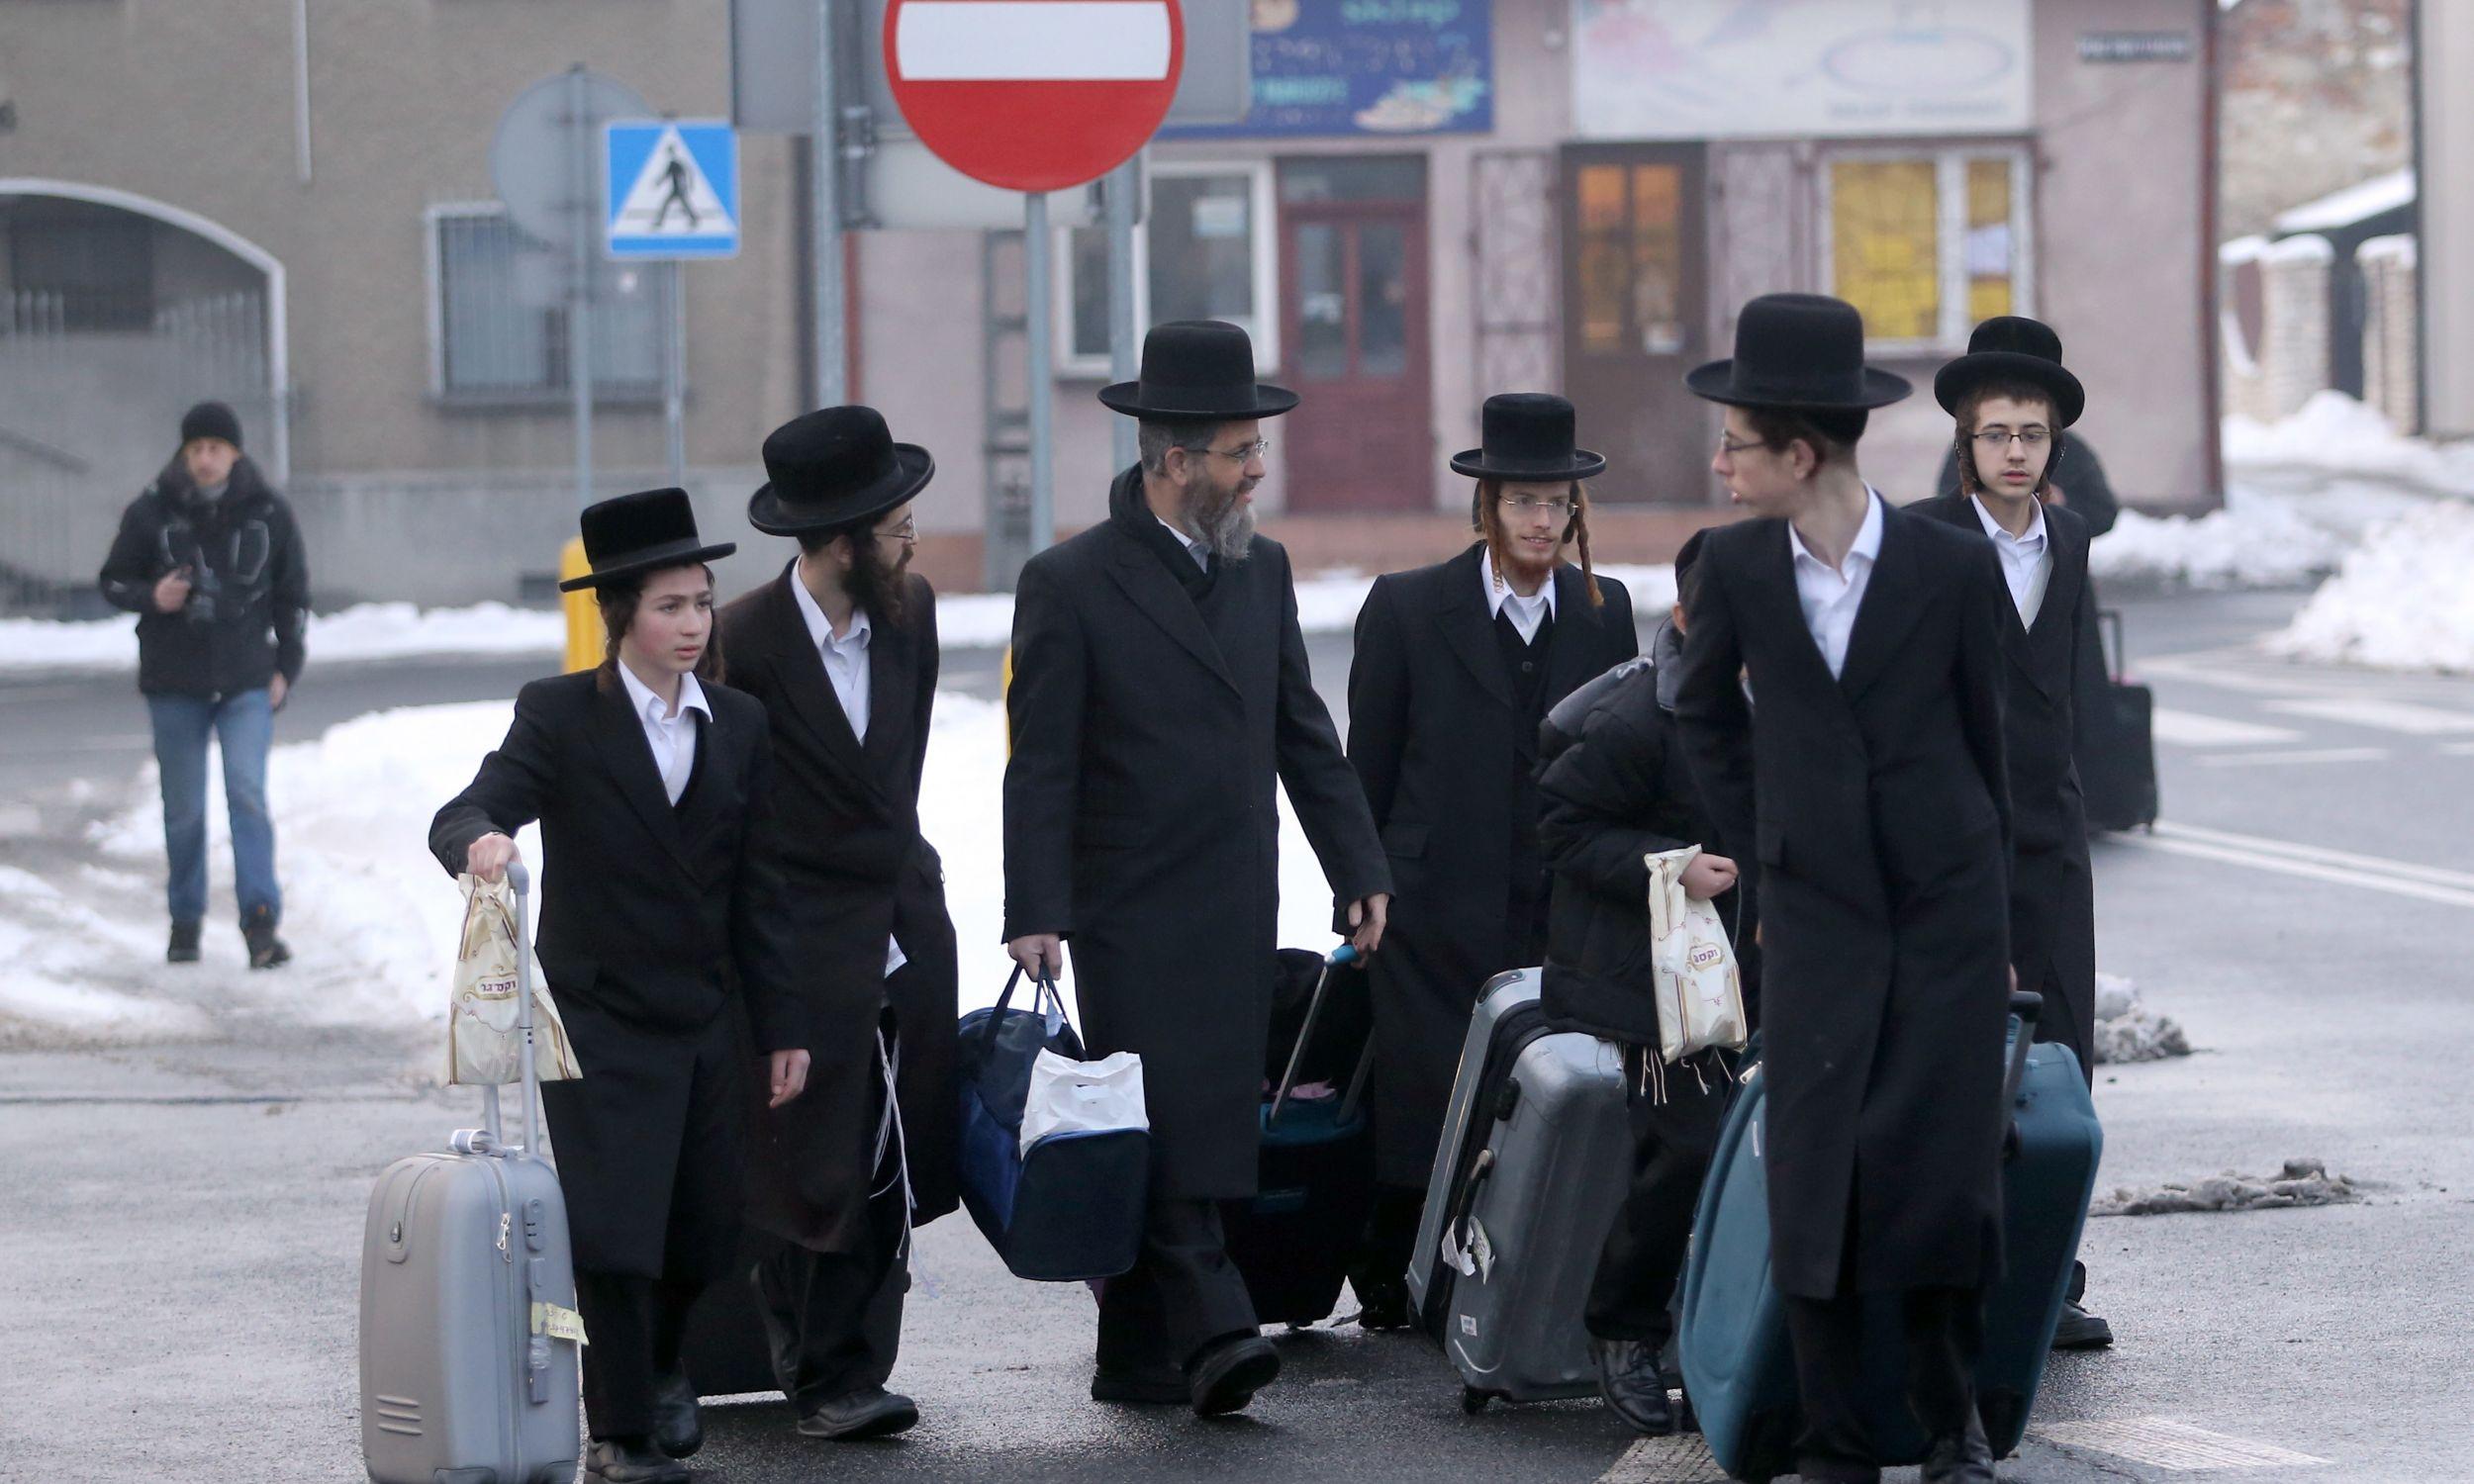 W rocznicę śmierci rabina Dawida Biedermana, pierwszego cadyka chasydzkiej dynastii Lelow, ortodoksyjni Żydzi z całego świata przyjeżdżają do Lelowa. Fot. PAP/Waldemar Deska